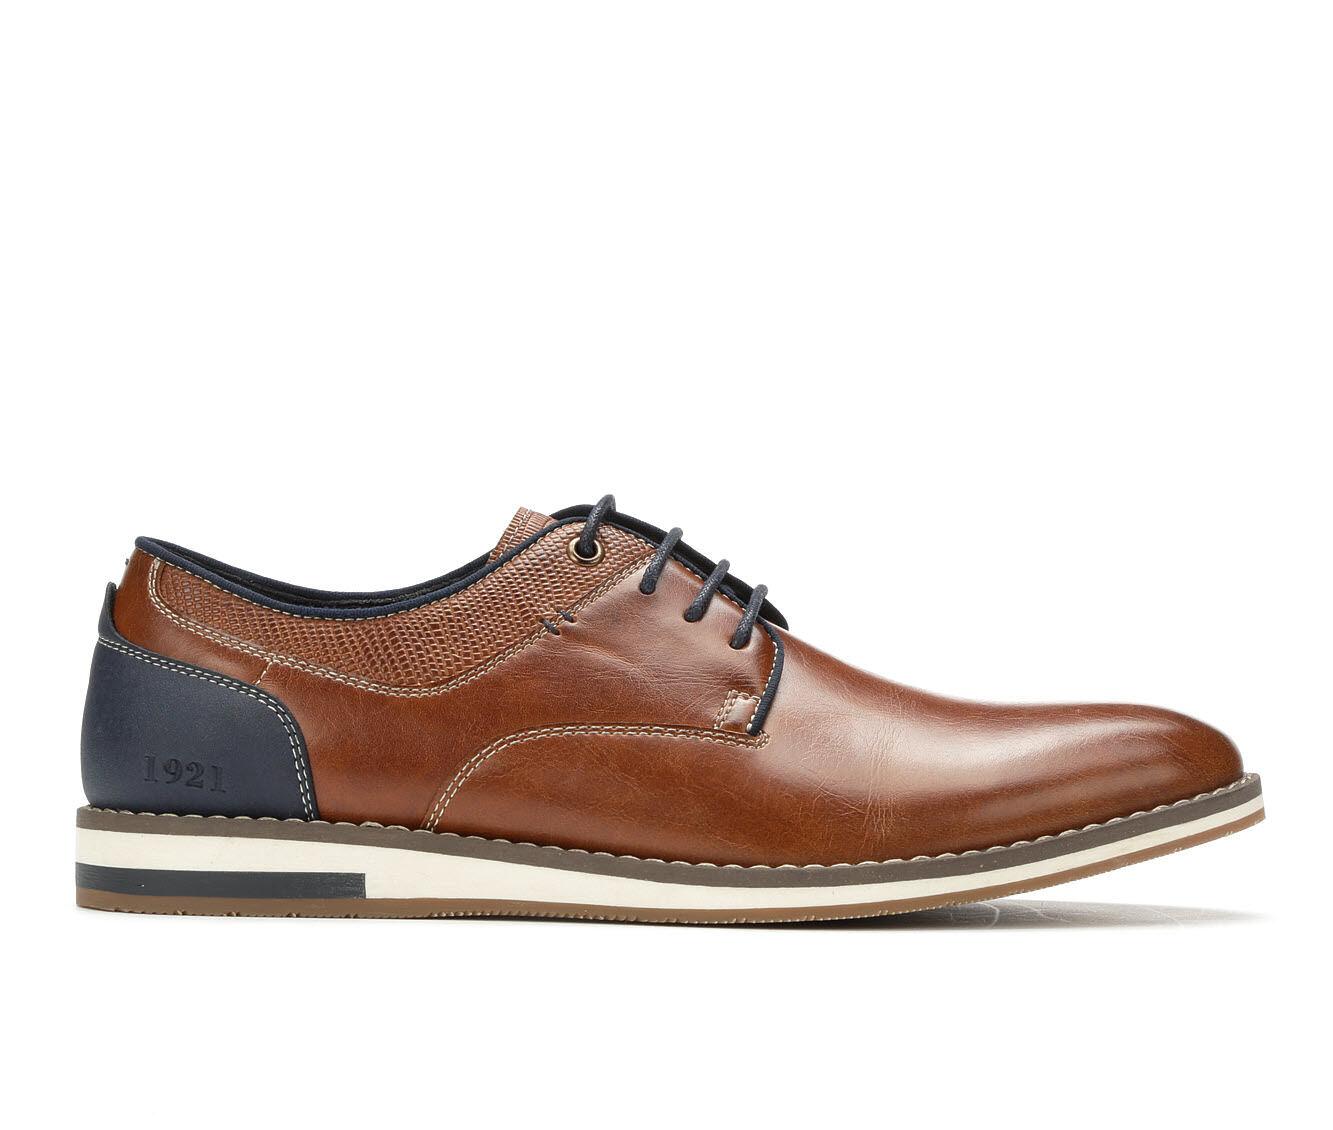 Men's Freeman Morgan Dress Shoes Tan